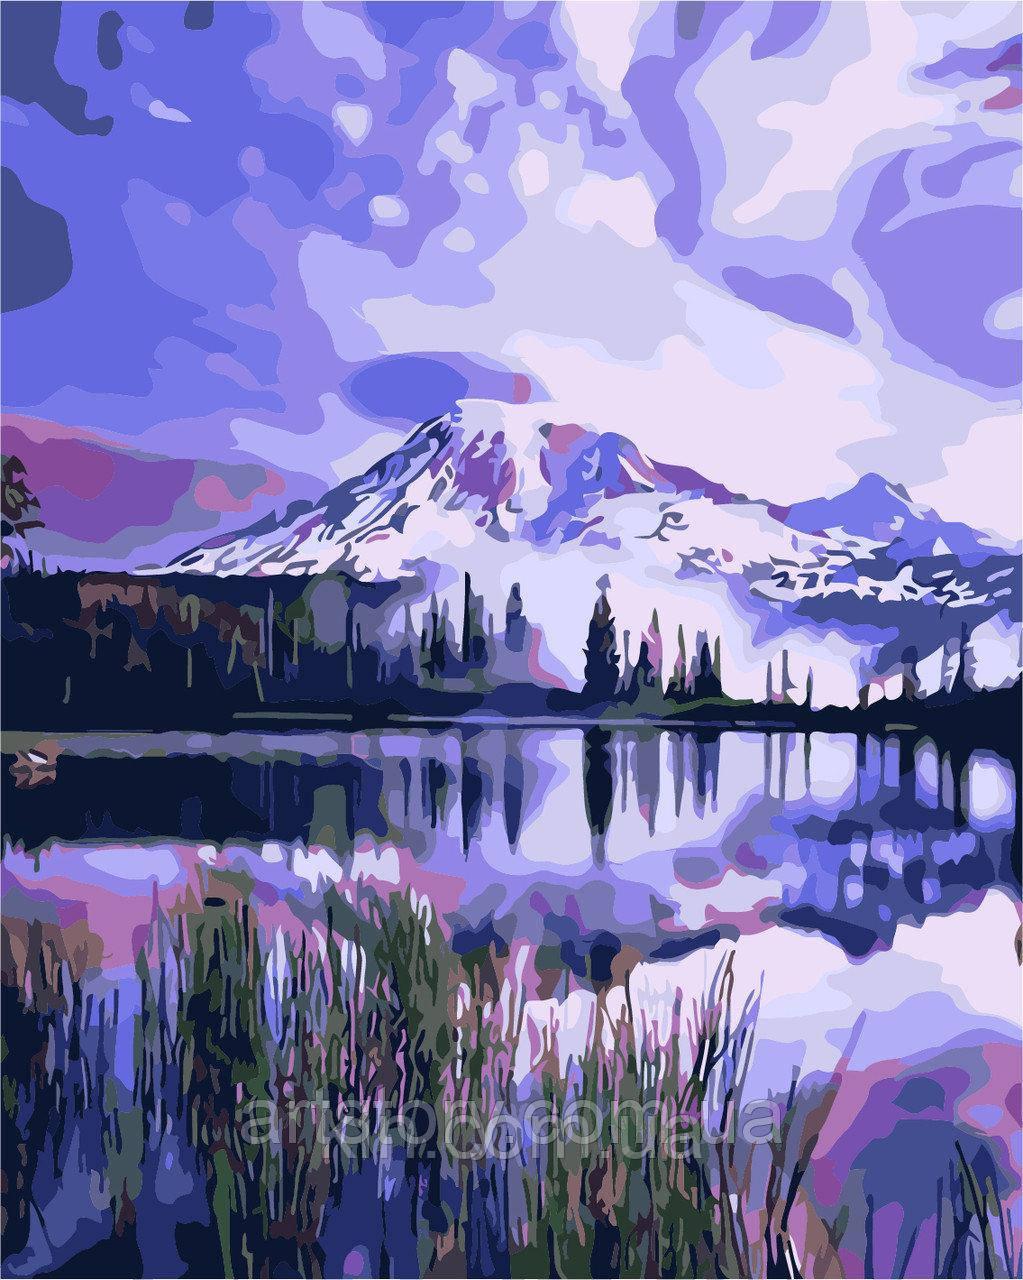 Картина по номерам ArtStory Озеро в горах 40 х 50 см (арт. AS0261)